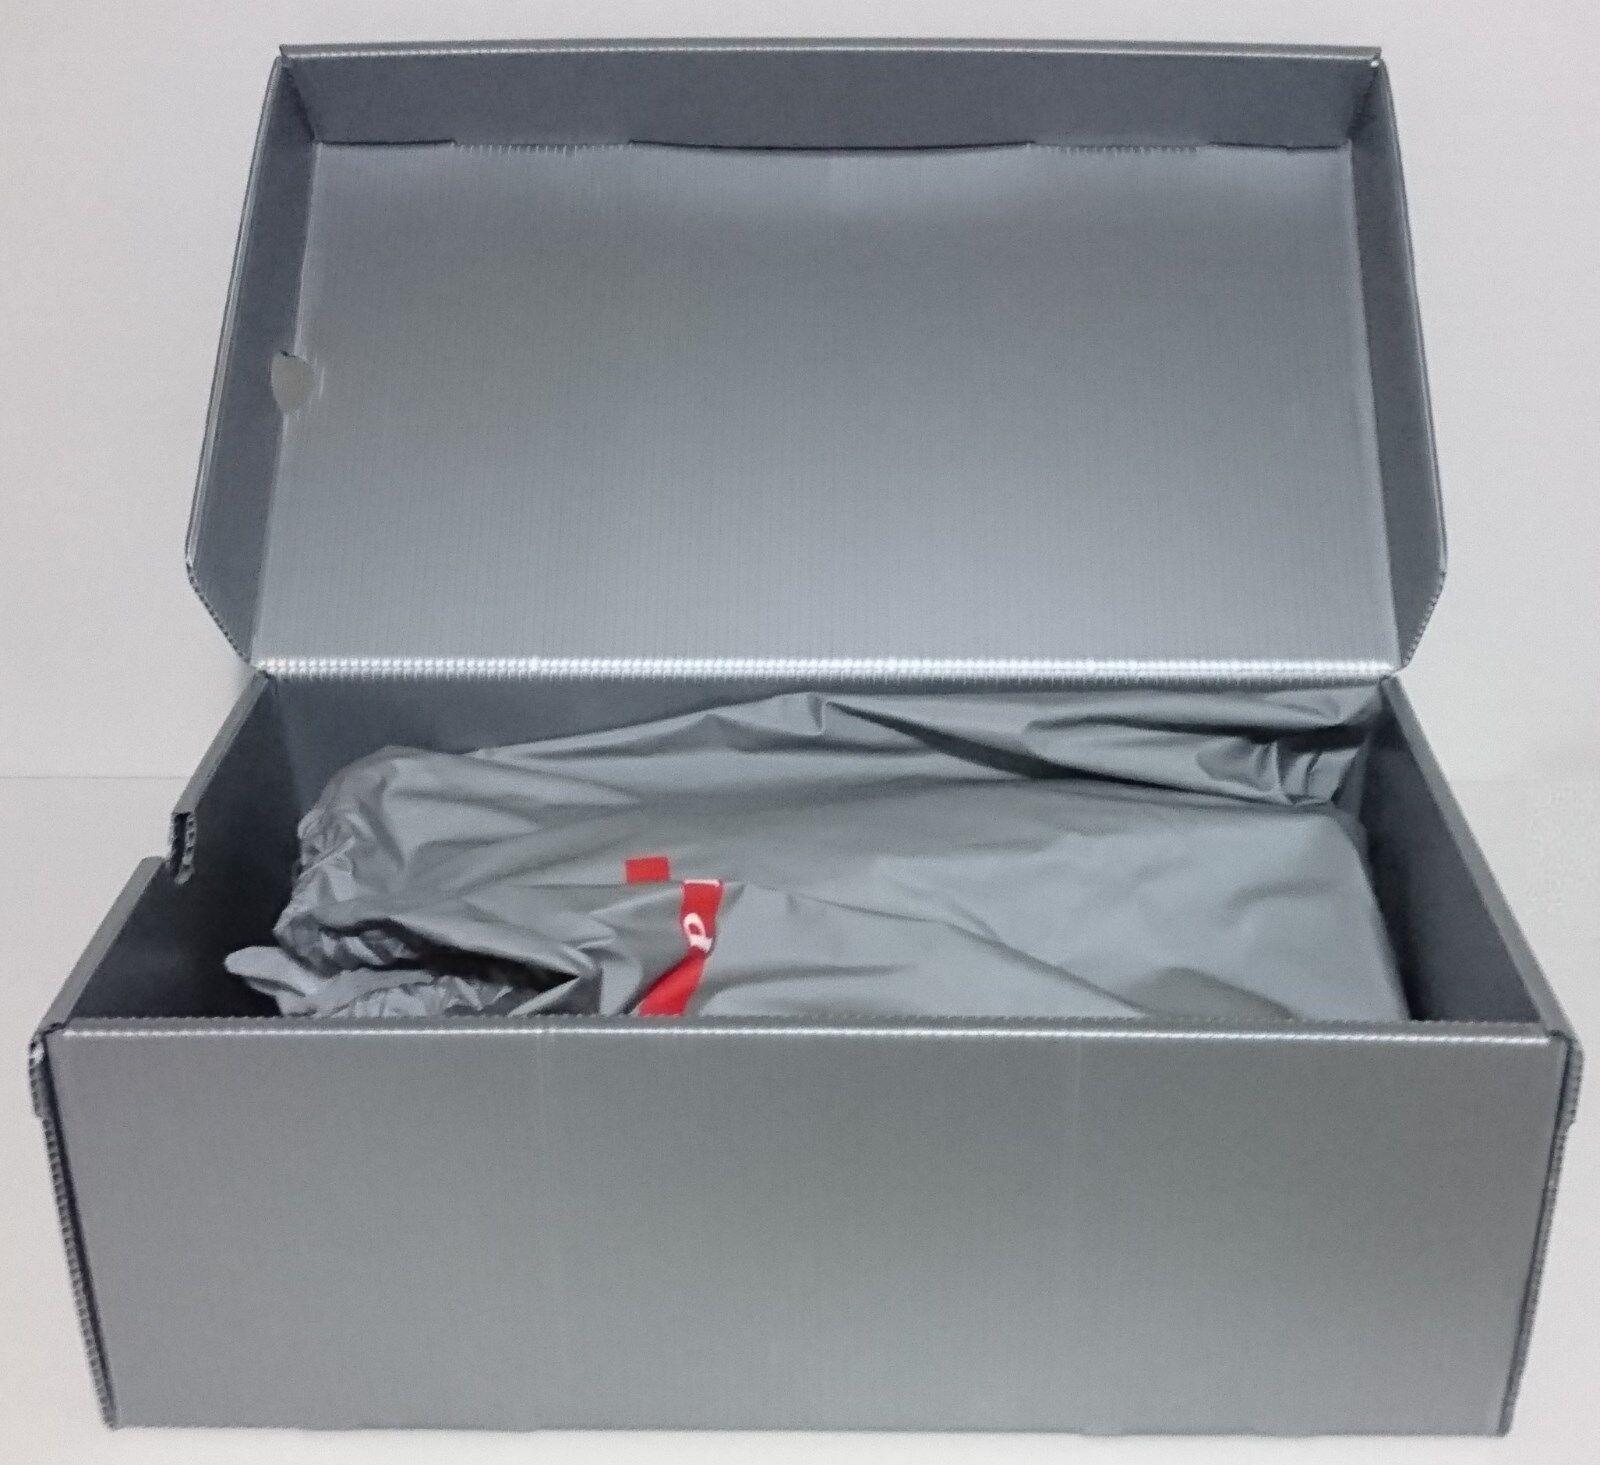 PRADA SCARPA NERO NERO NERO UOMO CON LACCI VITELLO BOXELLE NERO TAGLIA 44 - Dimensione 10 | Forte calore e resistenza all'abrasione  | Scolaro/Ragazze Scarpa  dee553